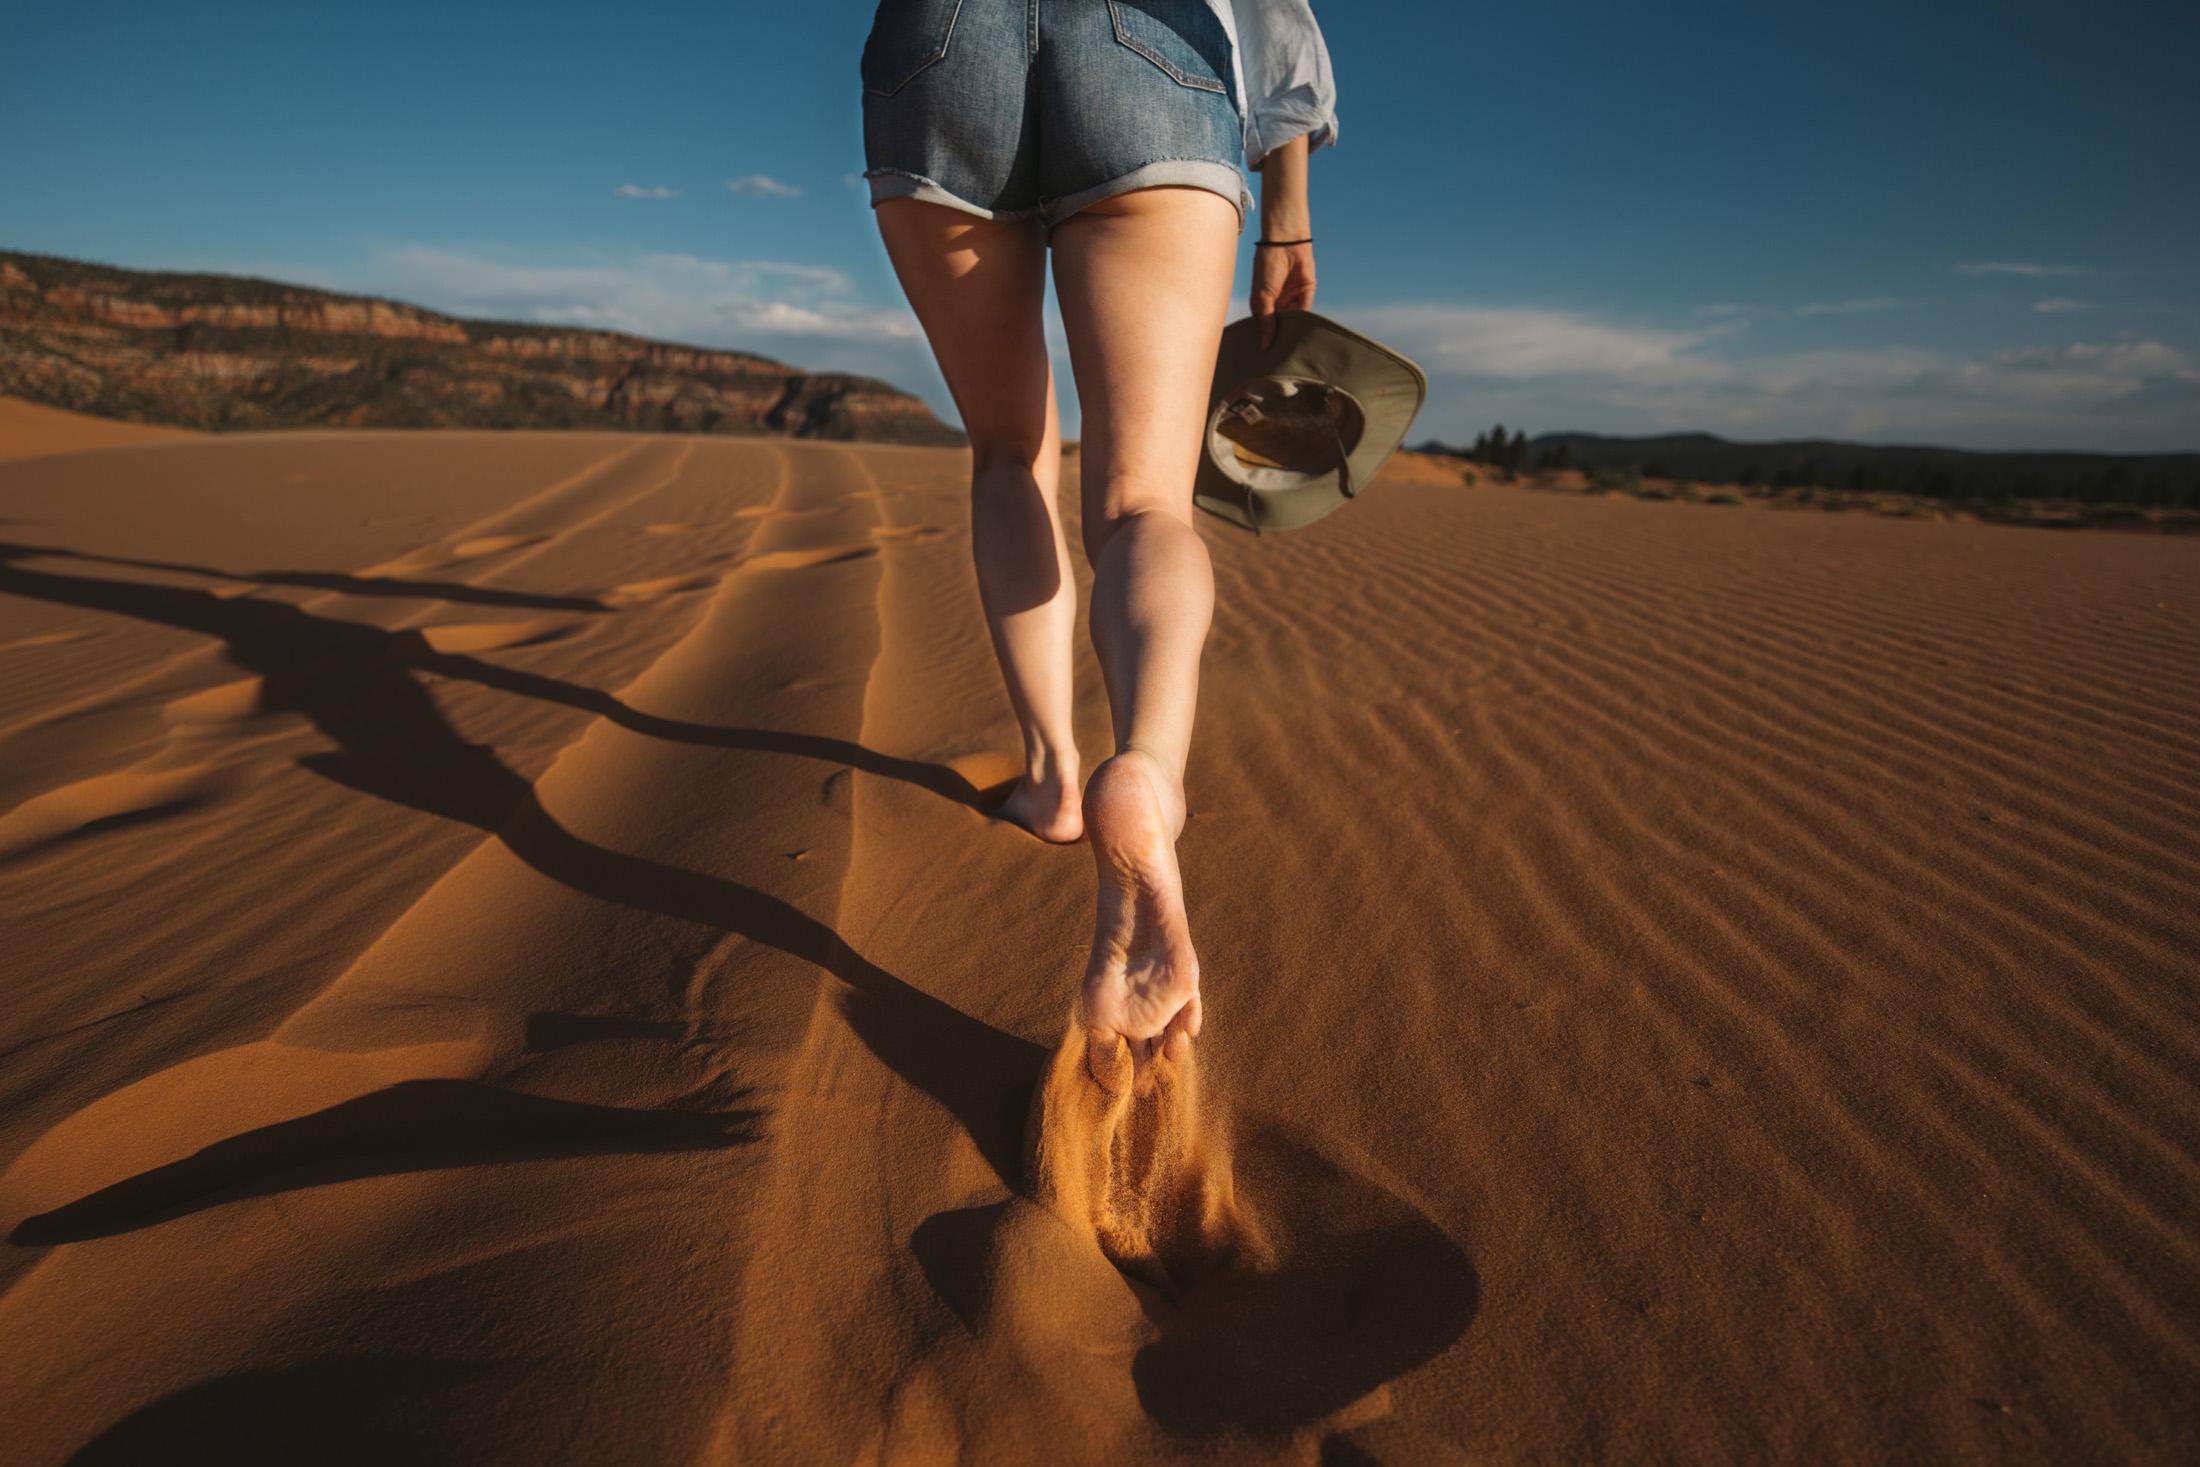 sarah-hirning-coral-sand-dunes-state-park-utah.jpg